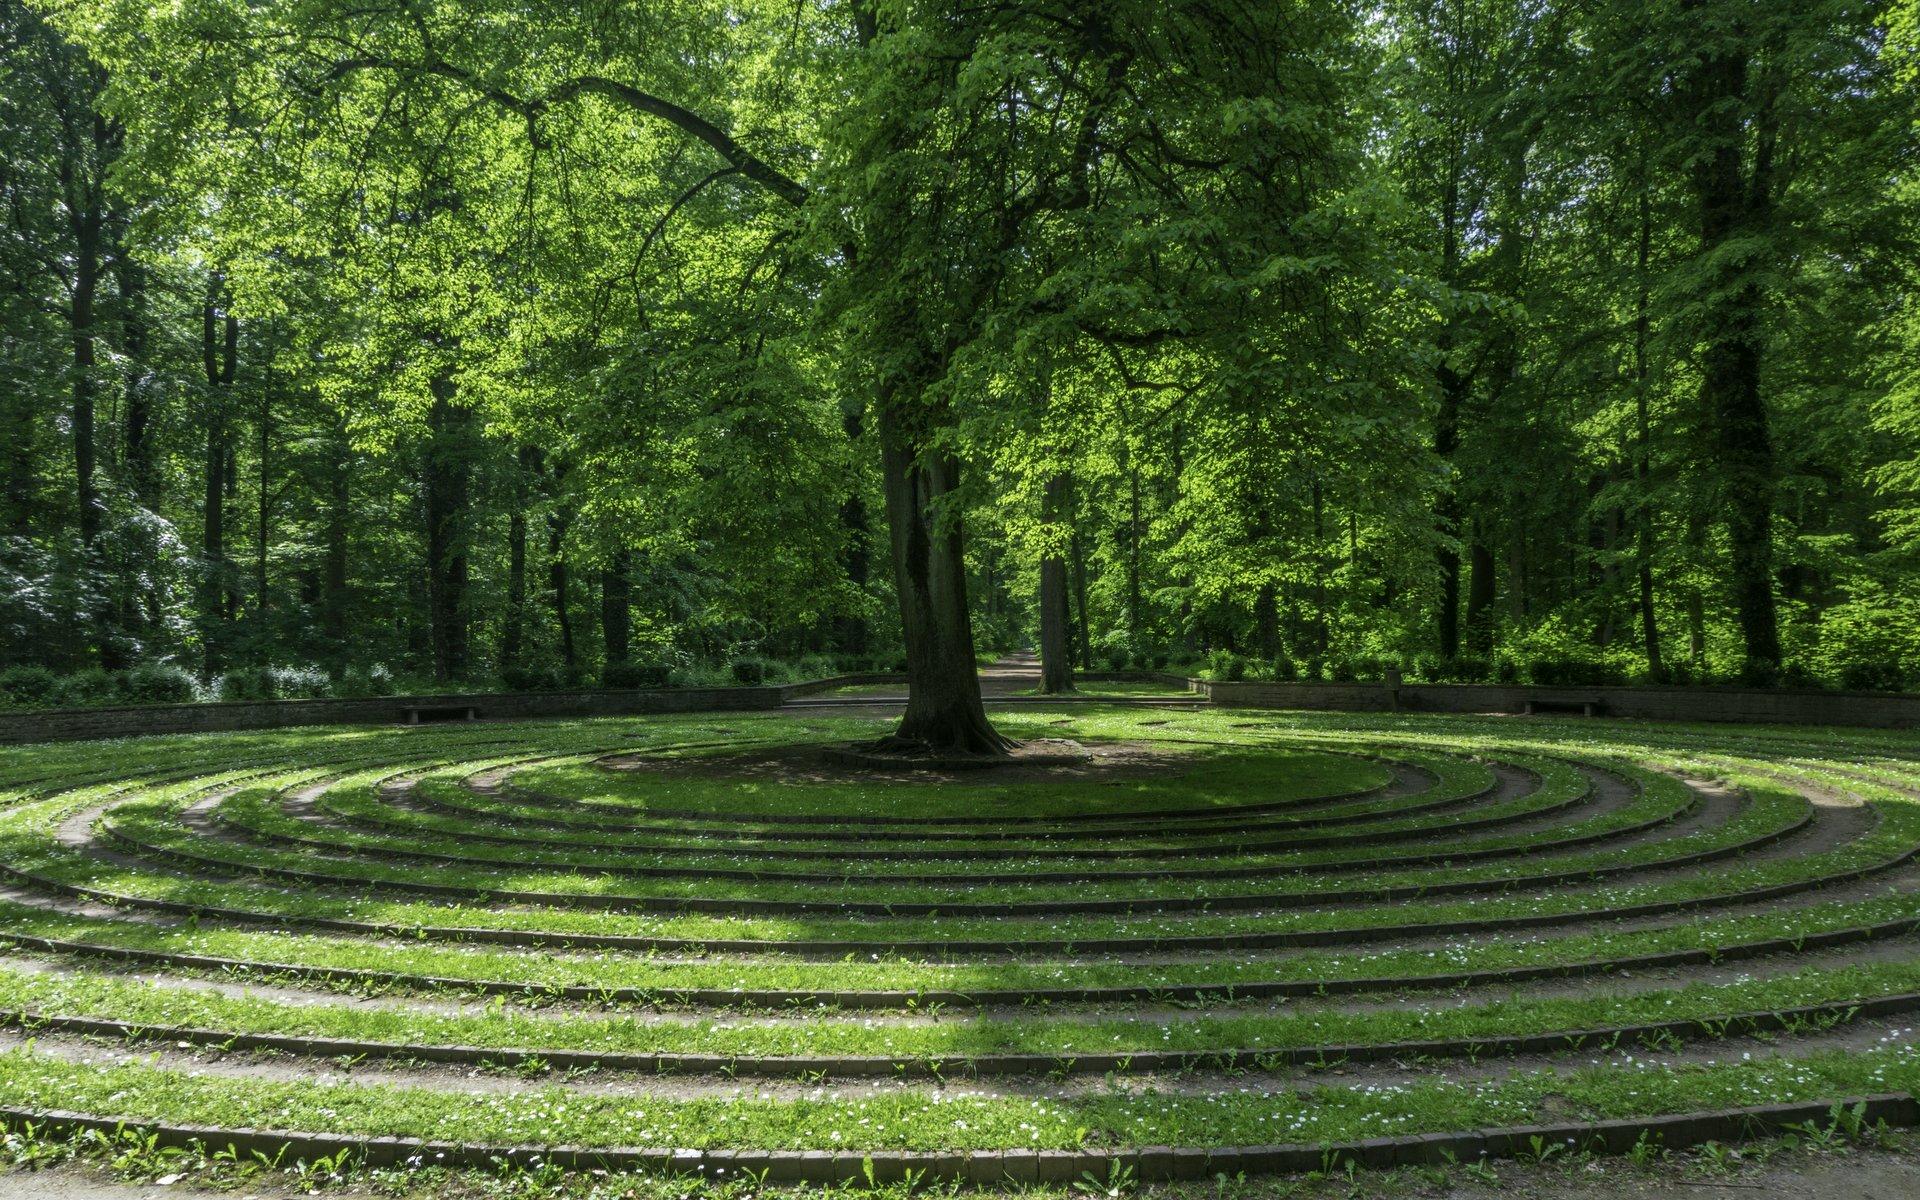 Labyrinth »Das Rad« an der Fischereiche in der Eilenriede